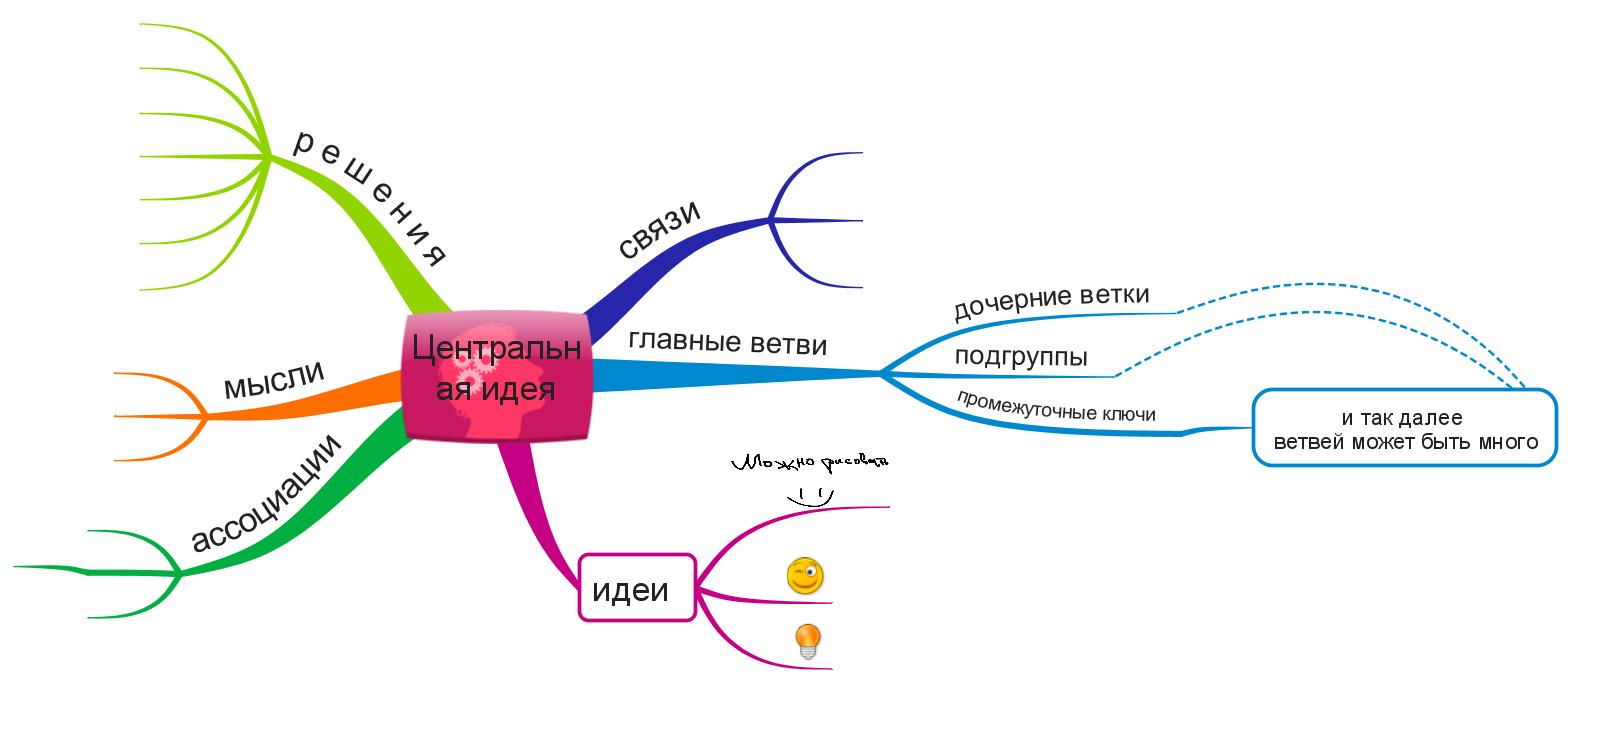 Визуализация цели: эффективный метод или самообман - 4